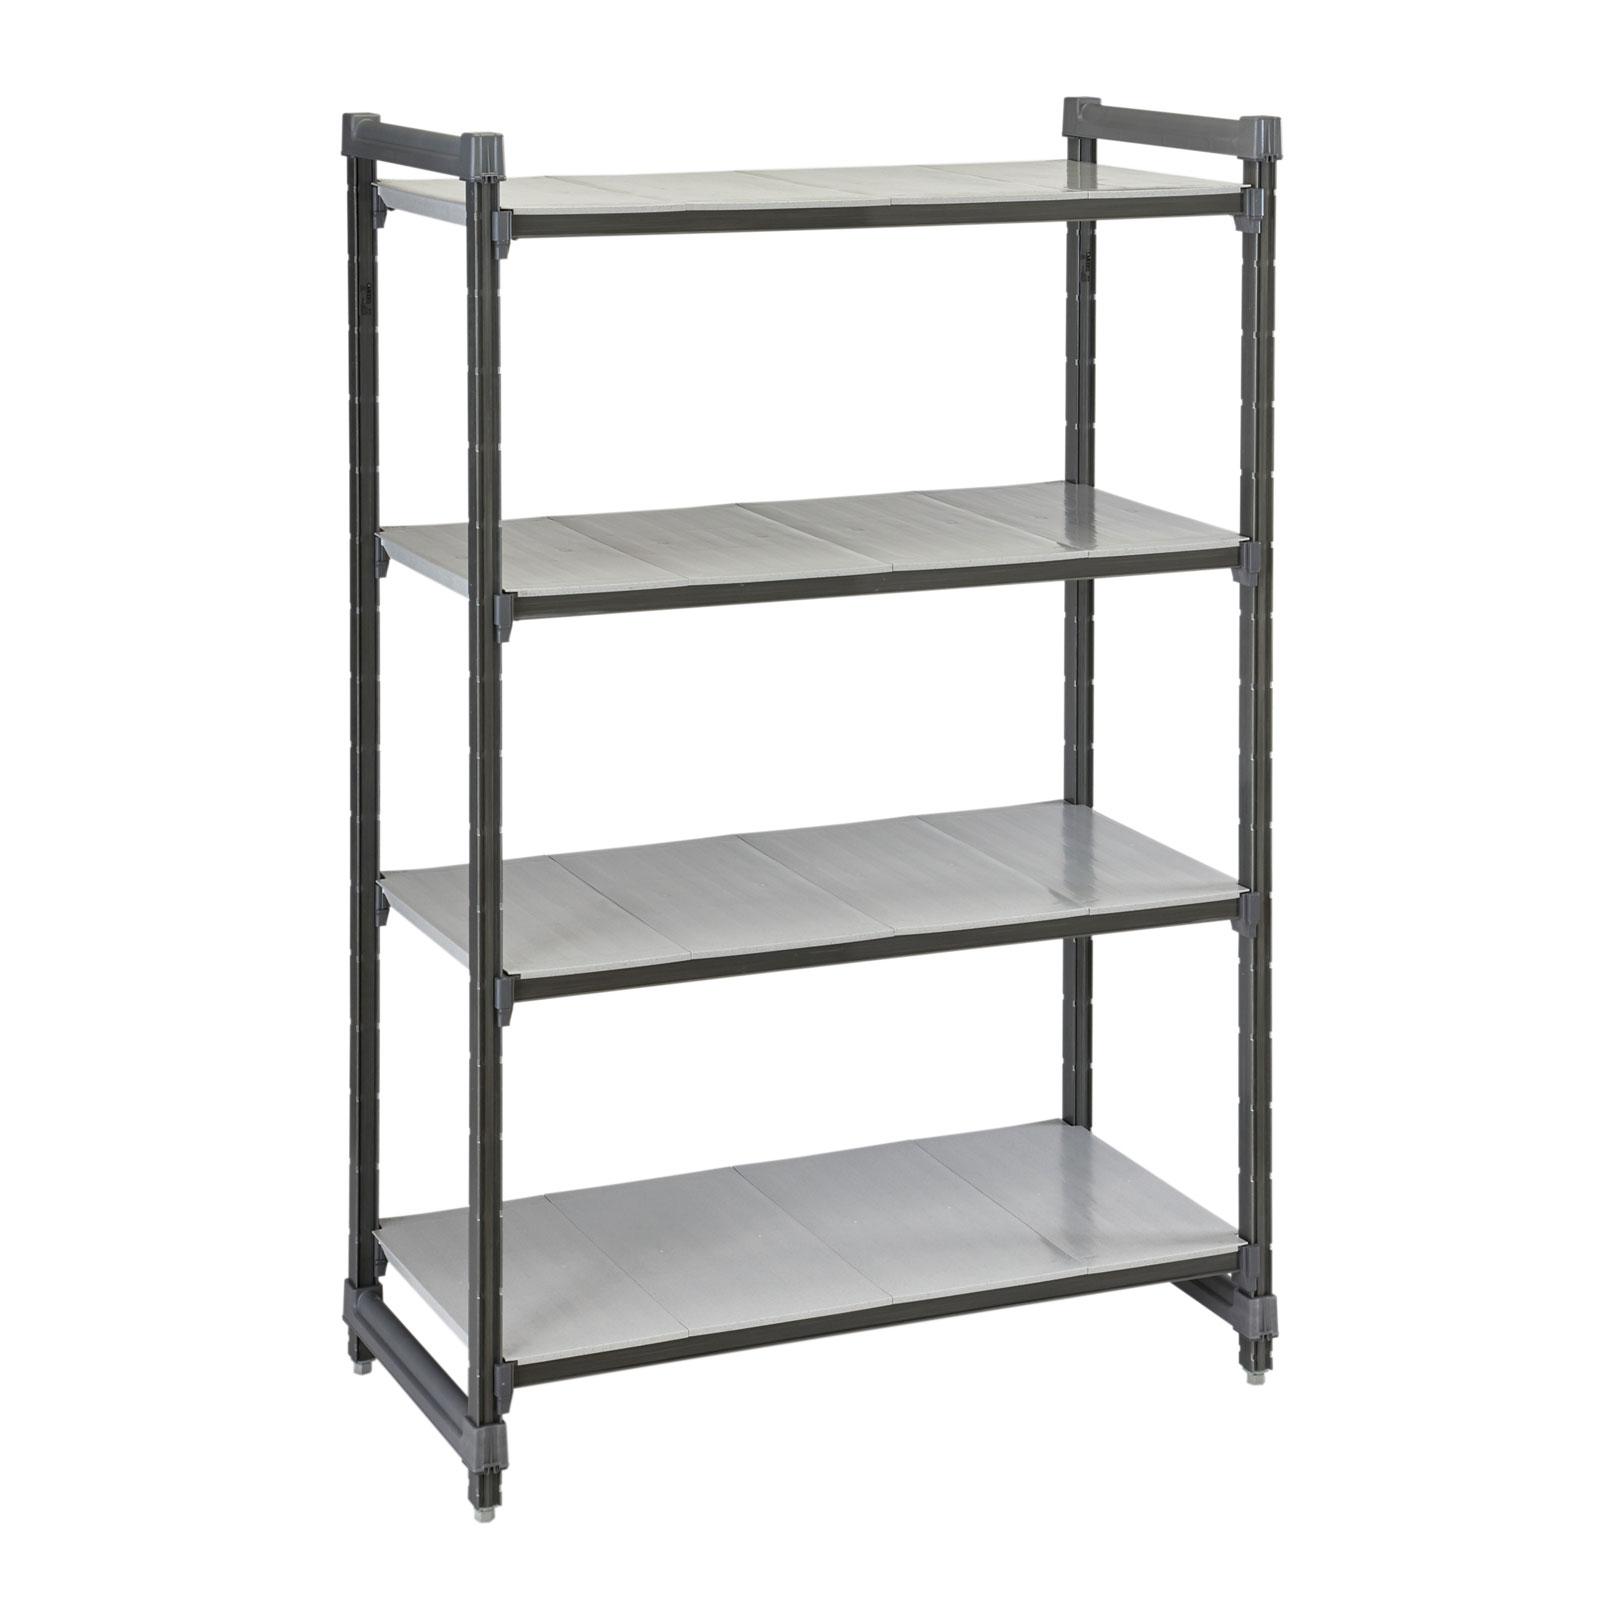 Cambro ESU247272S4580 shelving unit, all plastic